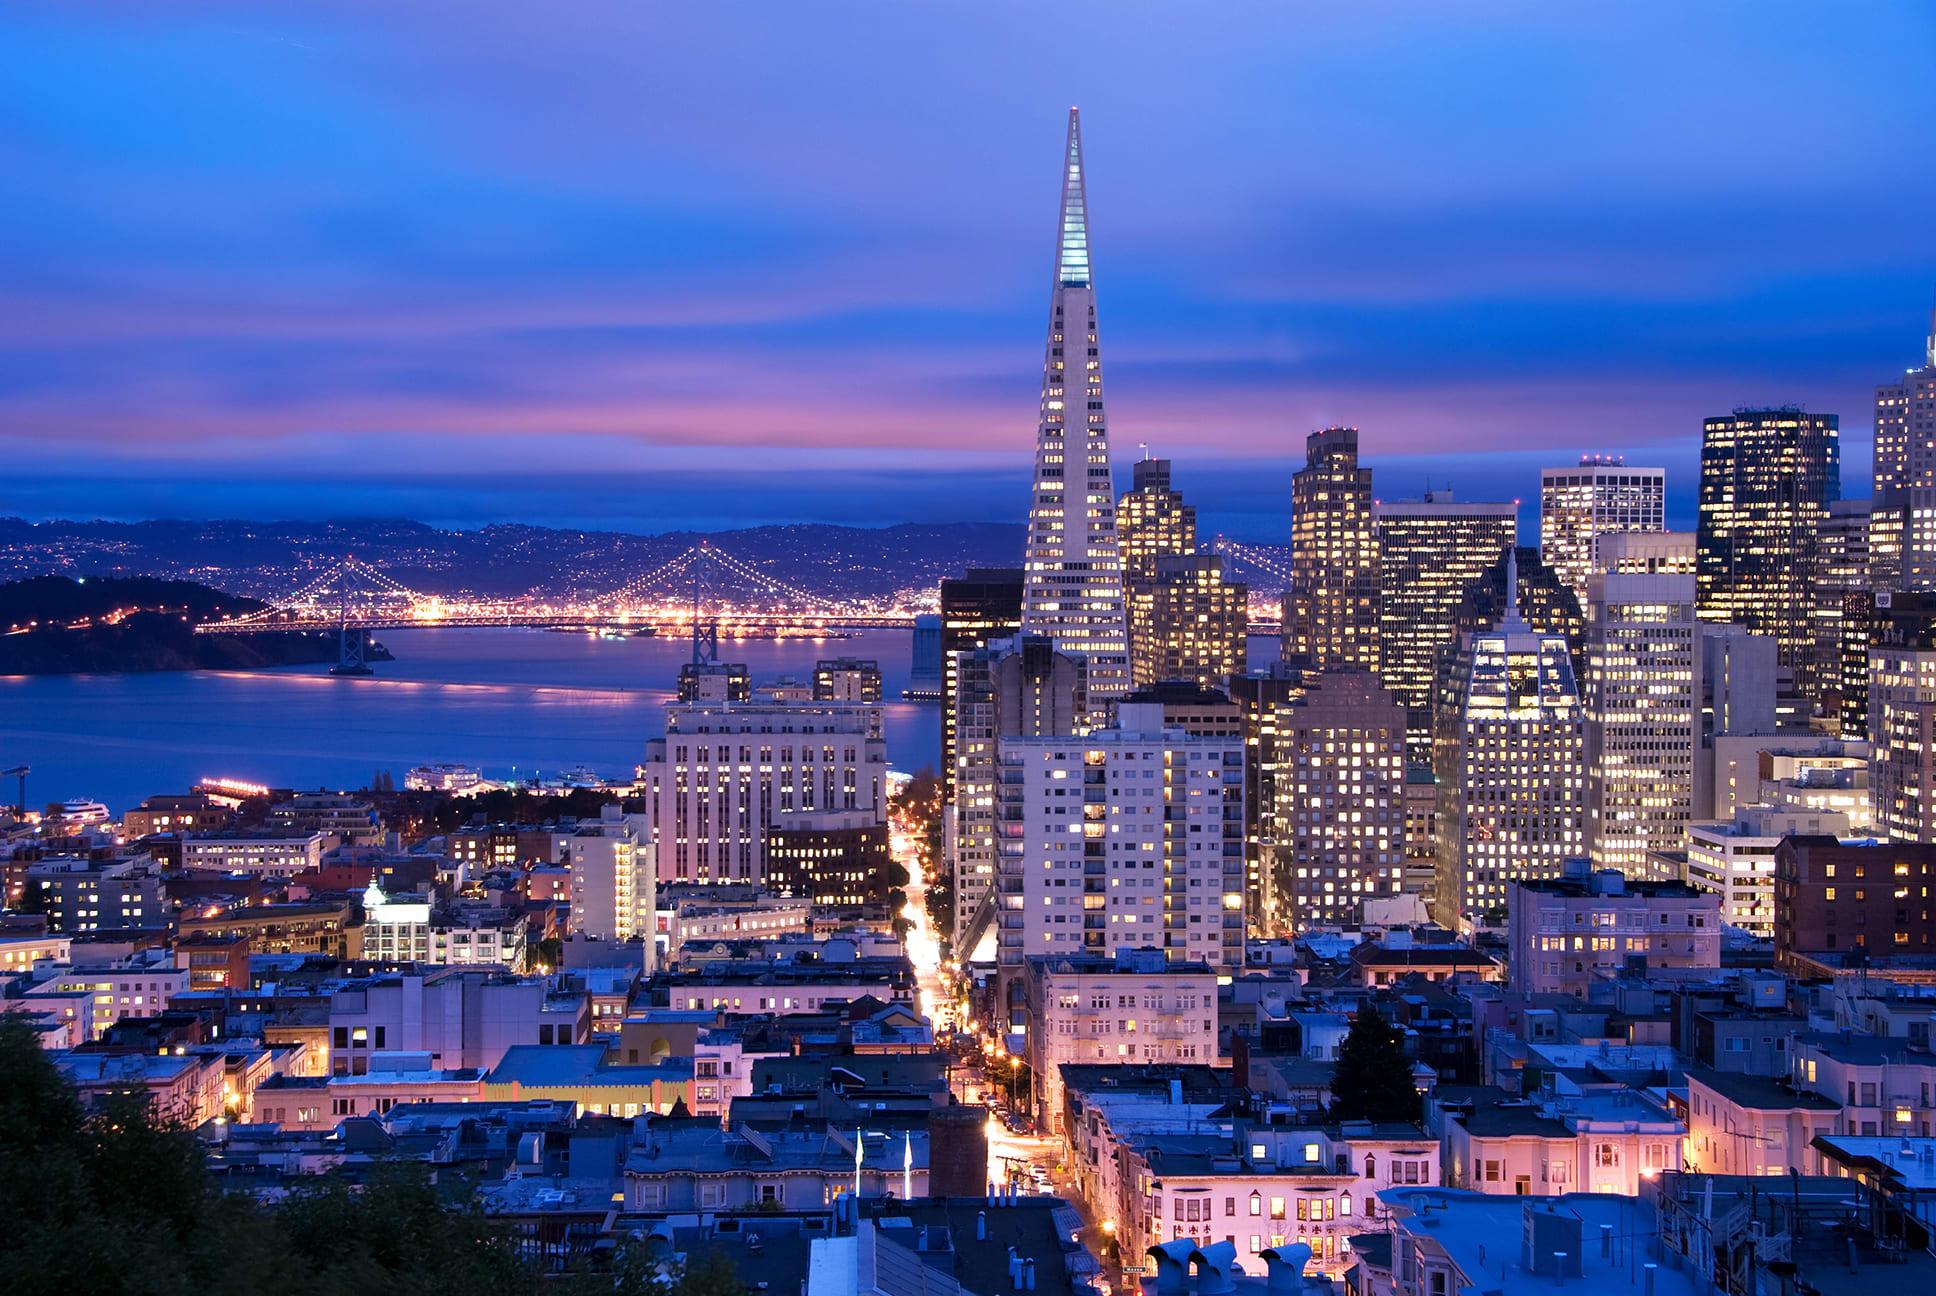 San Francisco'ya taşınmadan önce bilmek isteyeceğiniz 25 şey